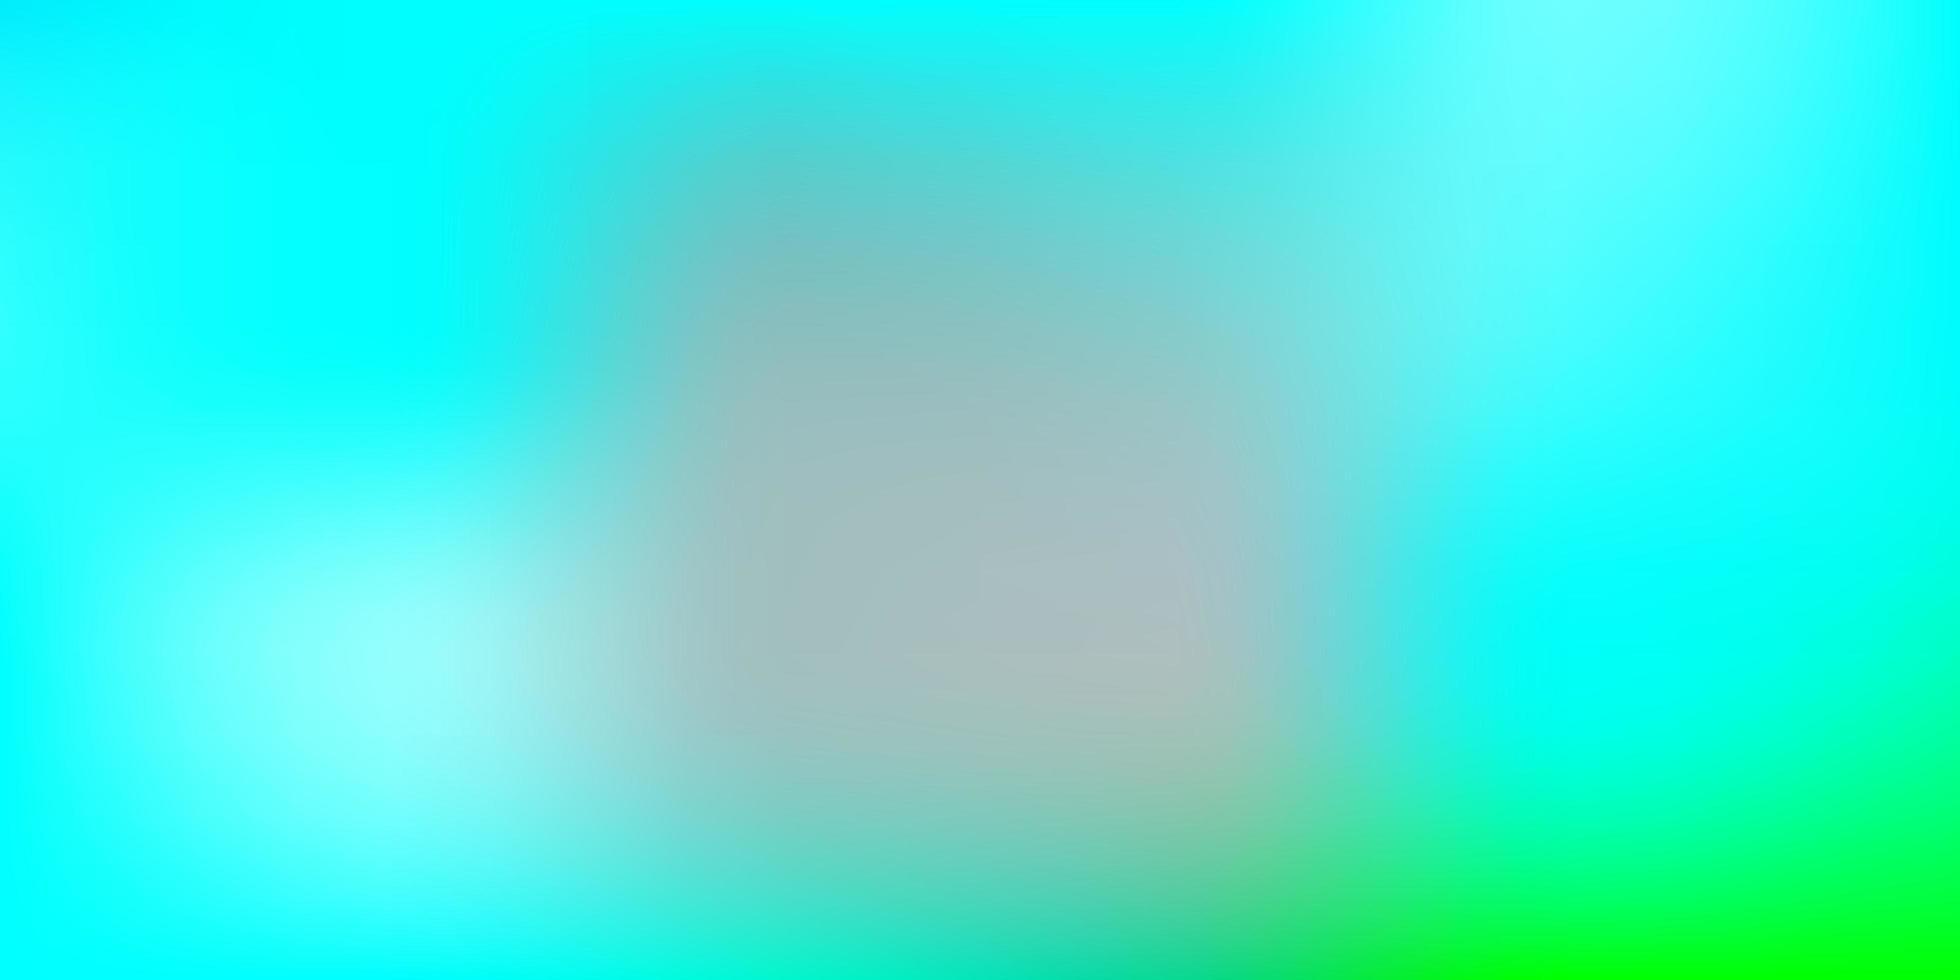 hellblauer, grüner Unschärfehintergrund. vektor